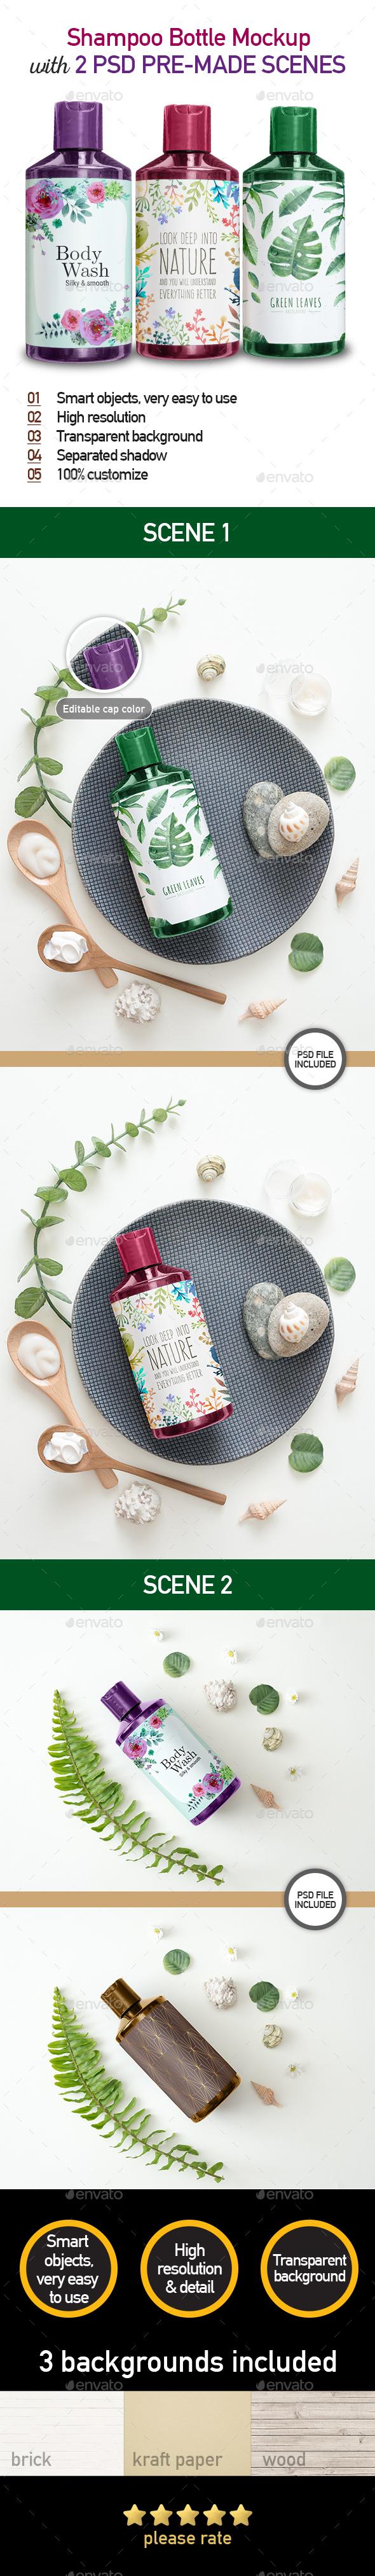 Shampoo Bottle Mockup - Set of 2 Realistic Photo Mock up - Product Mock-Ups Graphics